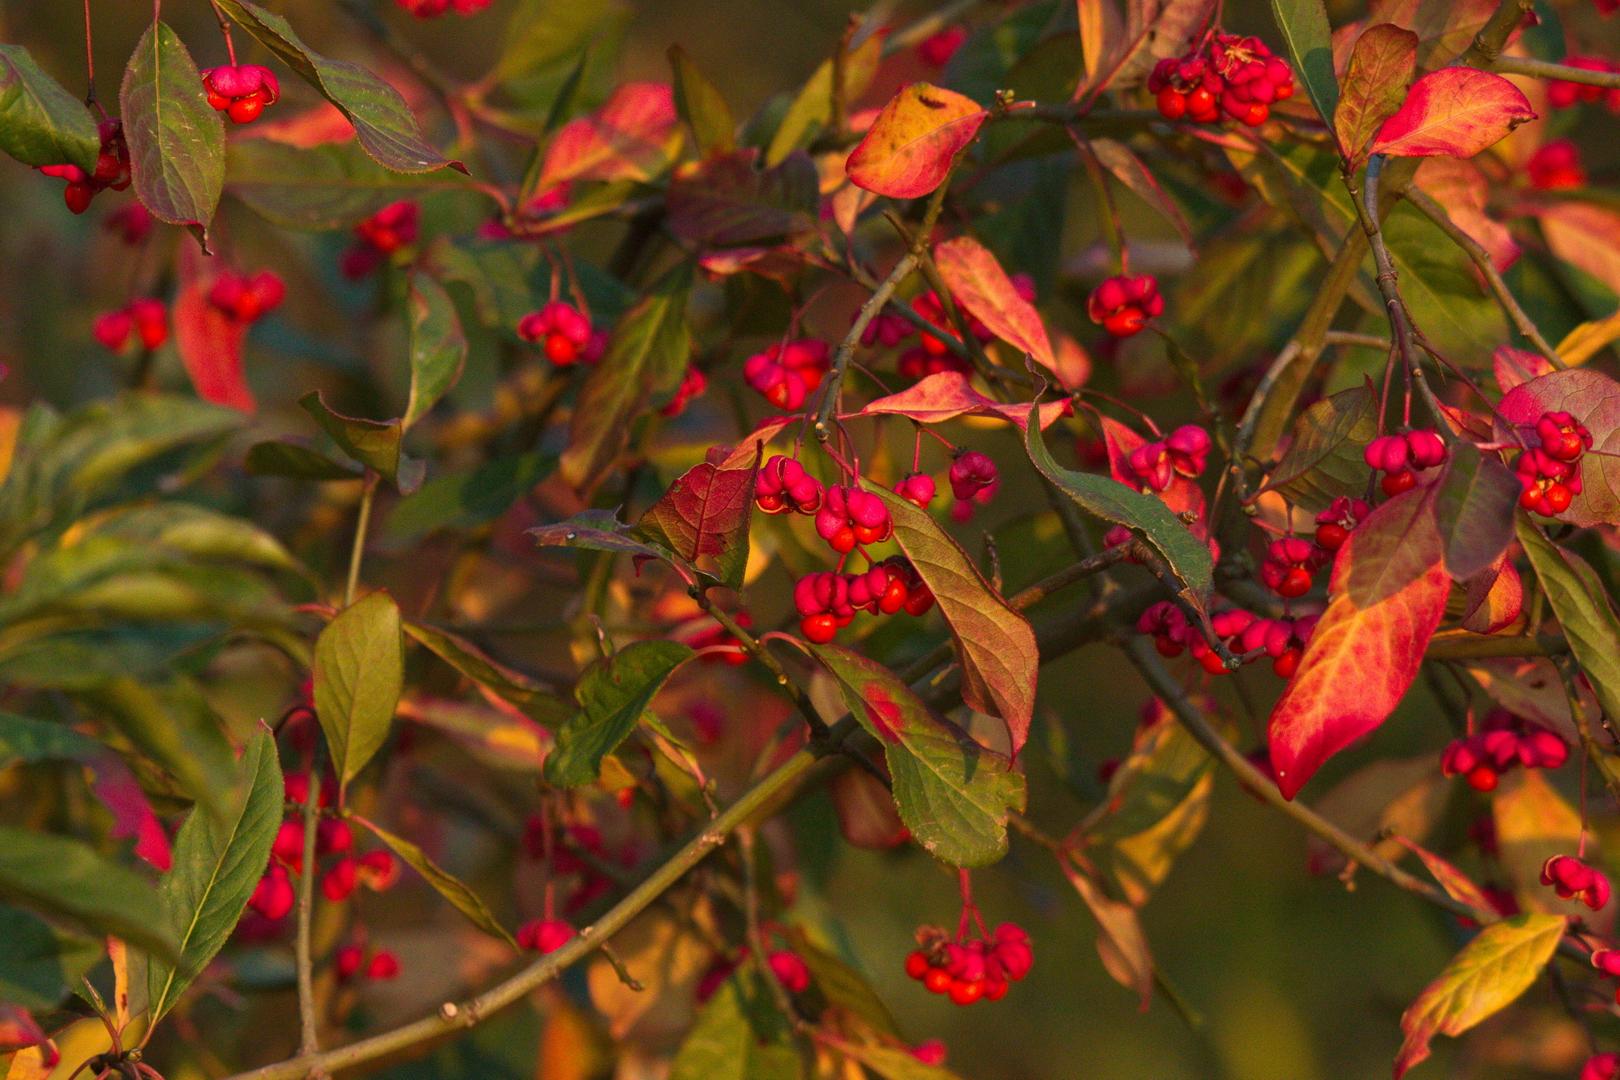 Herbst in Haltern 2020.